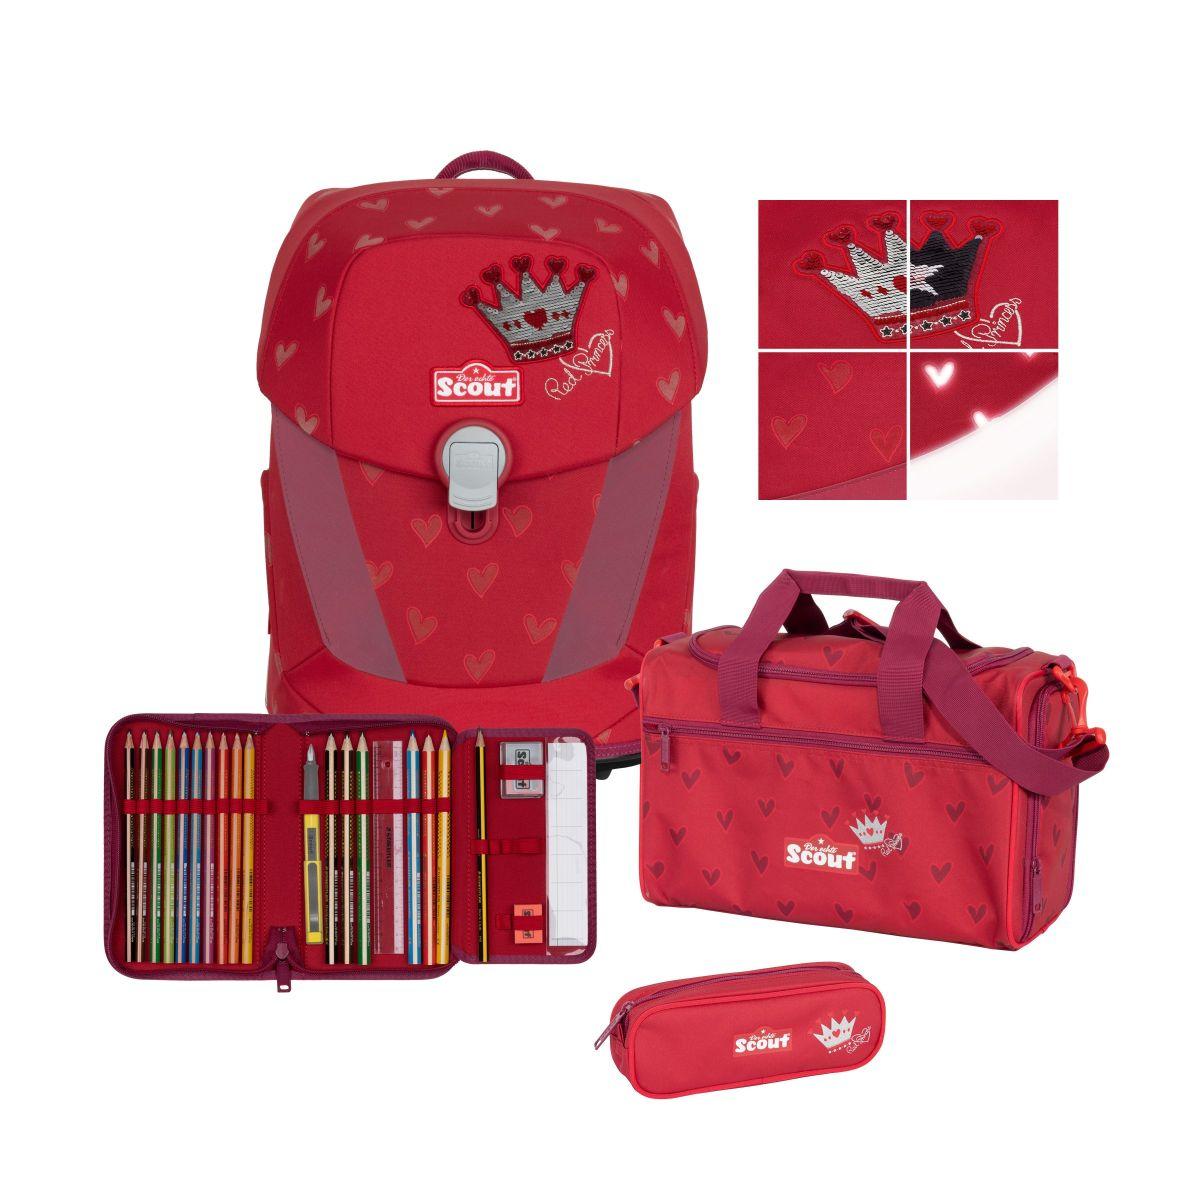 4-tlg. Schulranzenset Limitierte Auflage Sunny II Premium 19.5 Liter - Red Princess